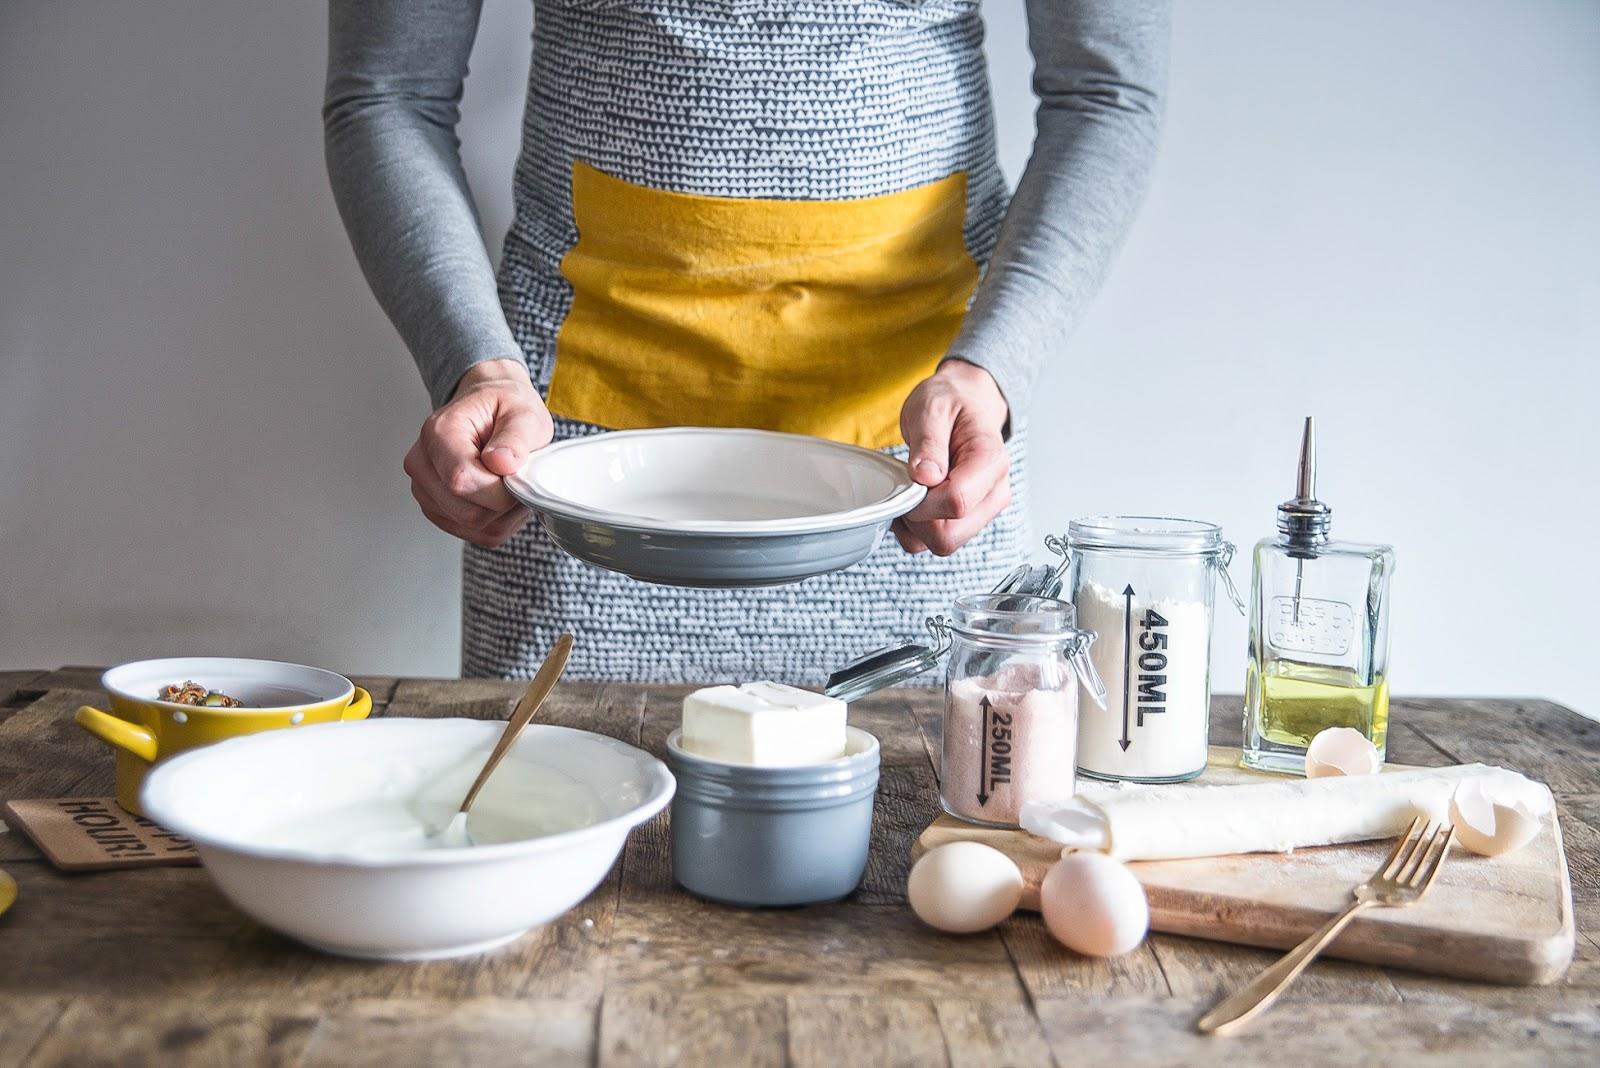 Dwa pomysły na kurki: risotto i serowa tarta + nowa marka akcesoriów kuchennych HOMLA